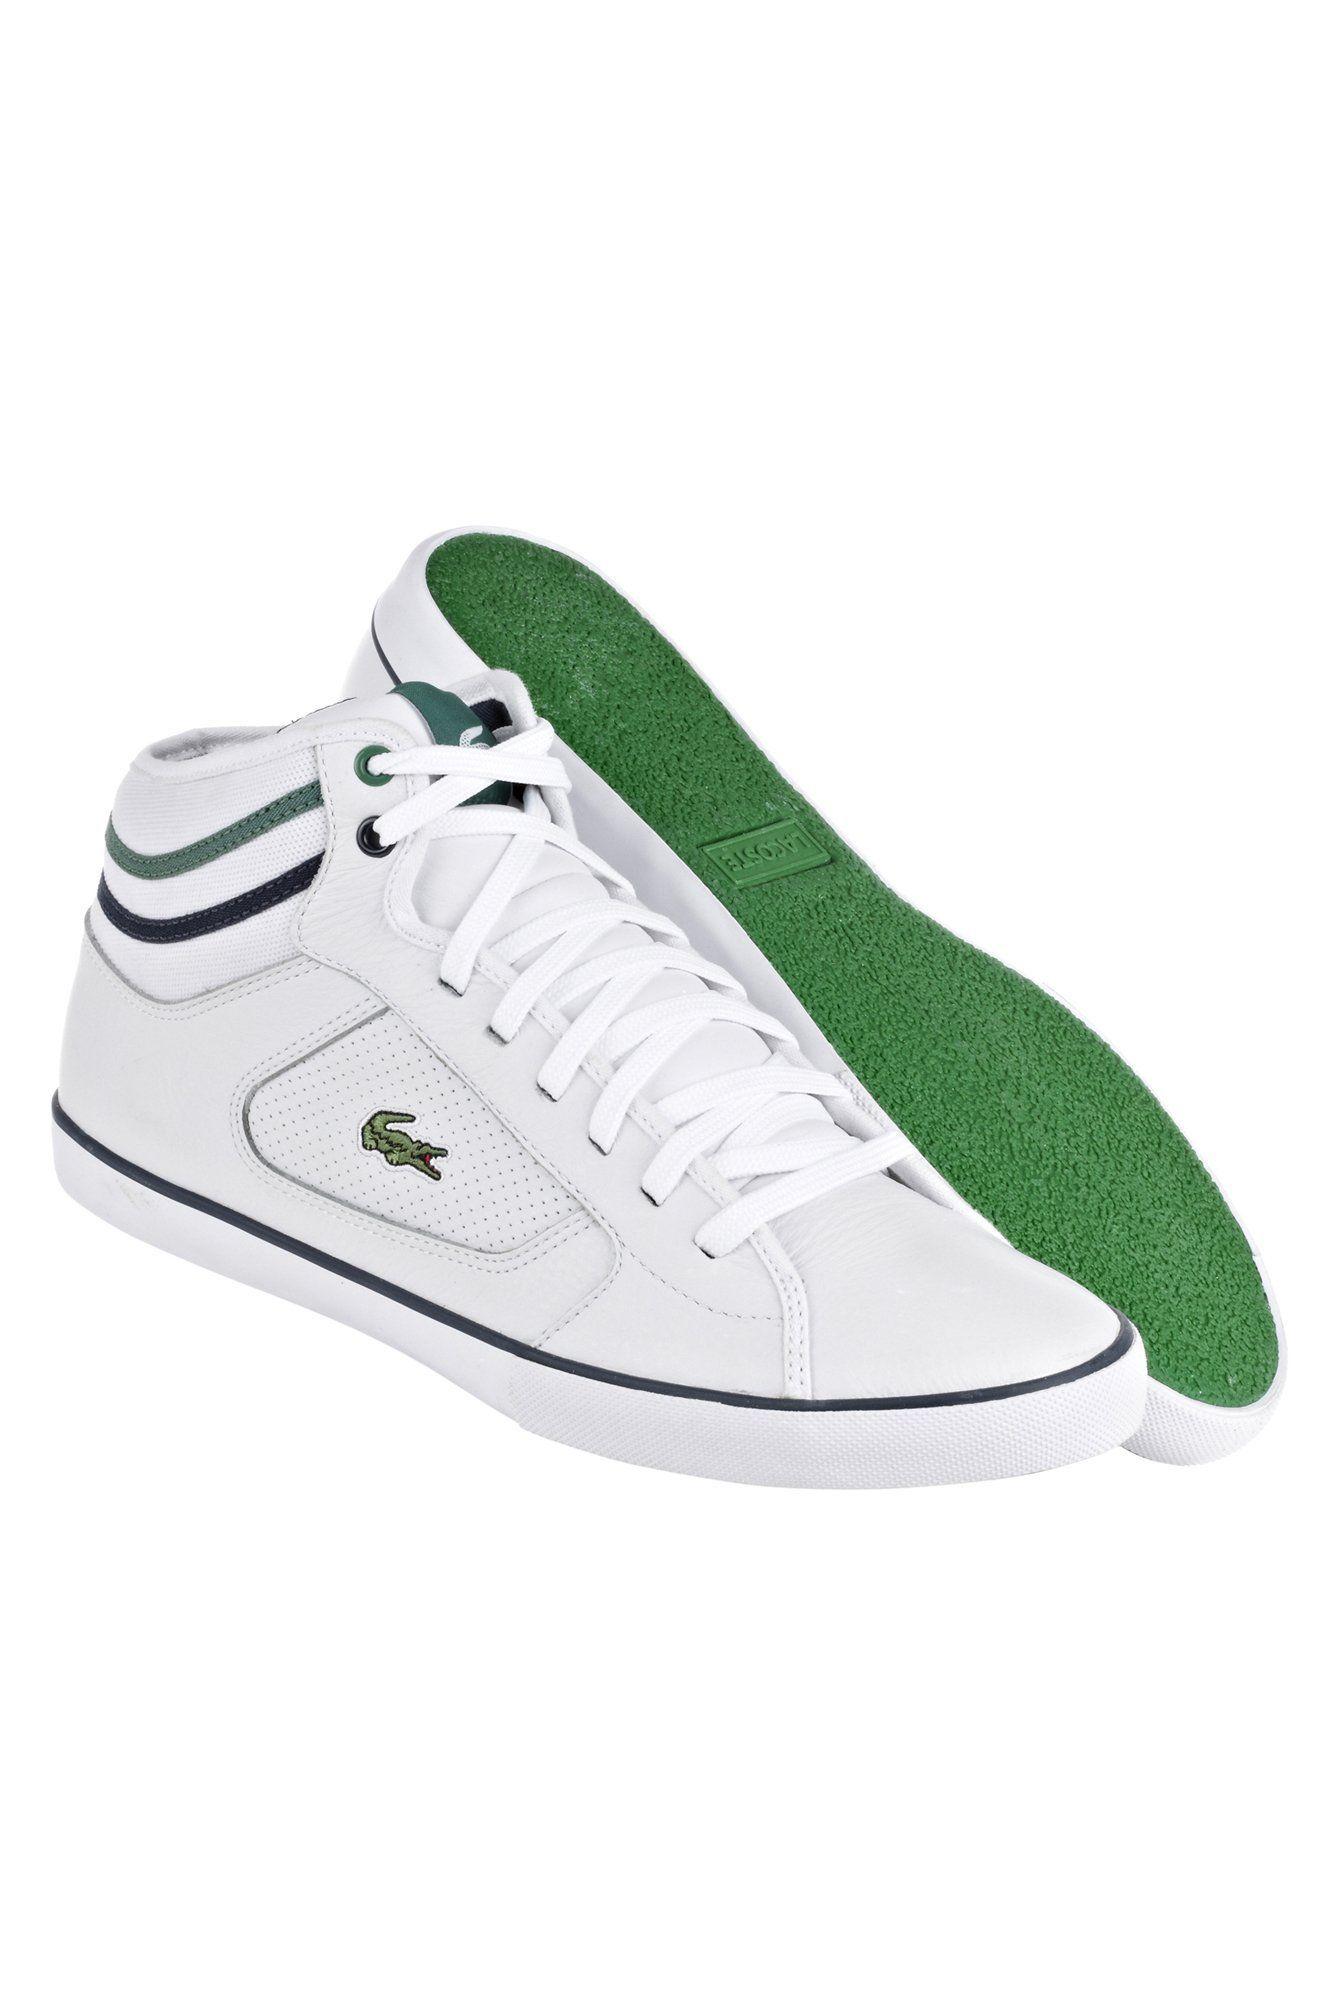 Lacoste shoes mens